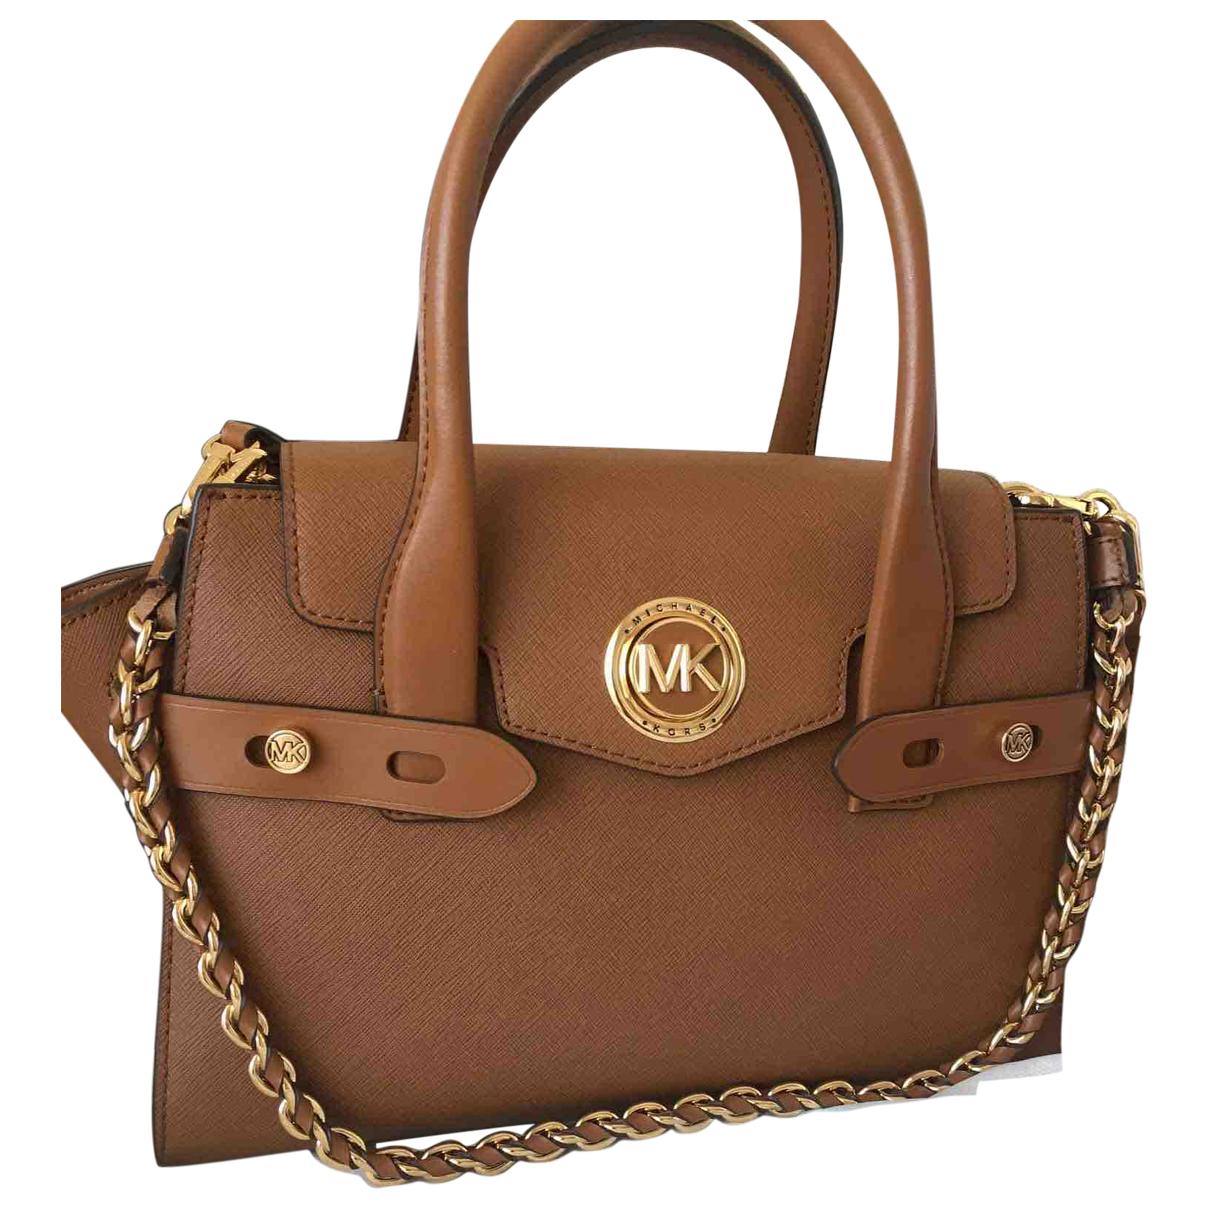 Michael Kors \N Camel handbag for Women \N